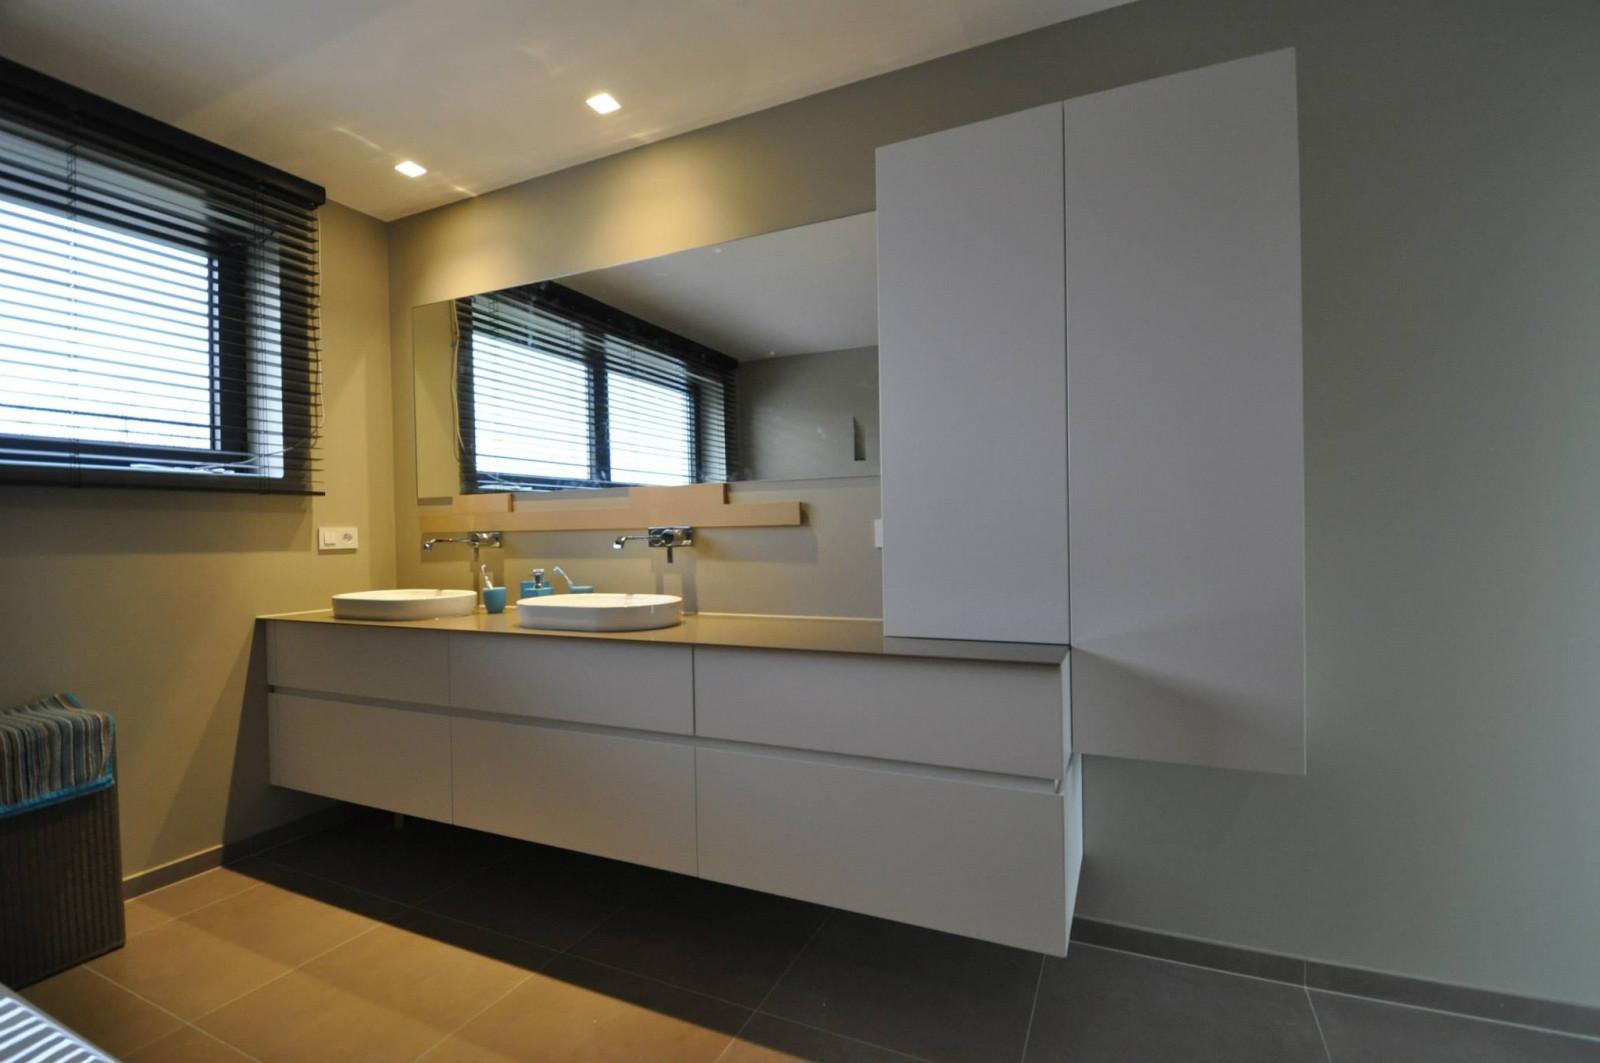 Badkamerkasten Op Maat.Badkamermeubel Op Maat Ga Voor Praktisch Design Zonder